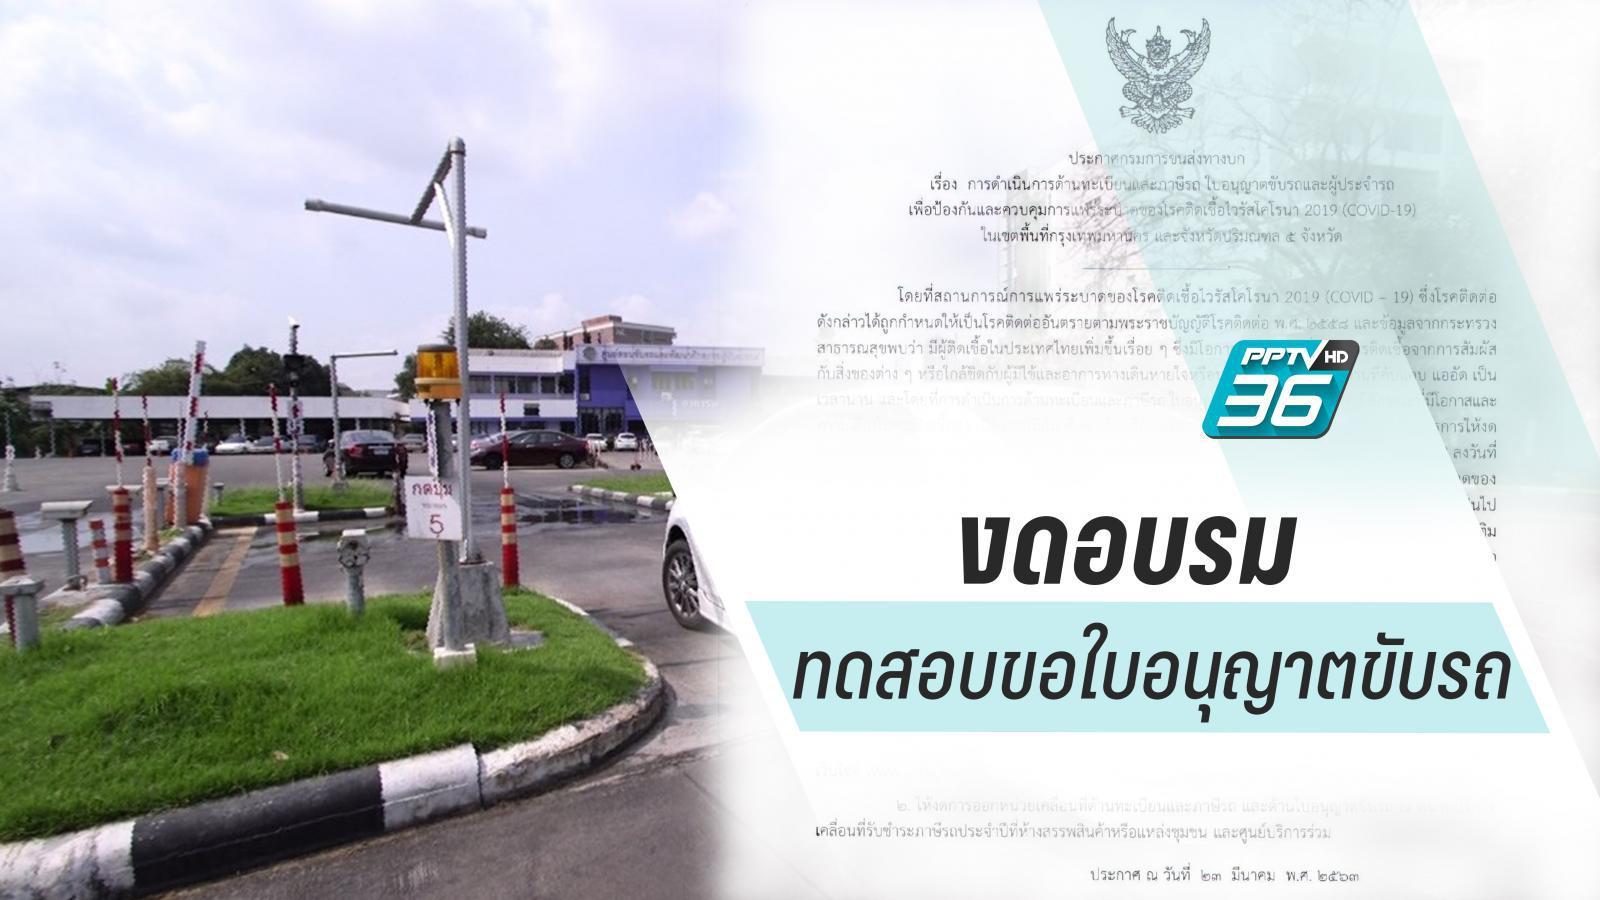 กรมการขนส่งทางบก งดสอบใบขับขี่-อบรม พื้นที่กรุงเทพฯ-ปริมณฑล